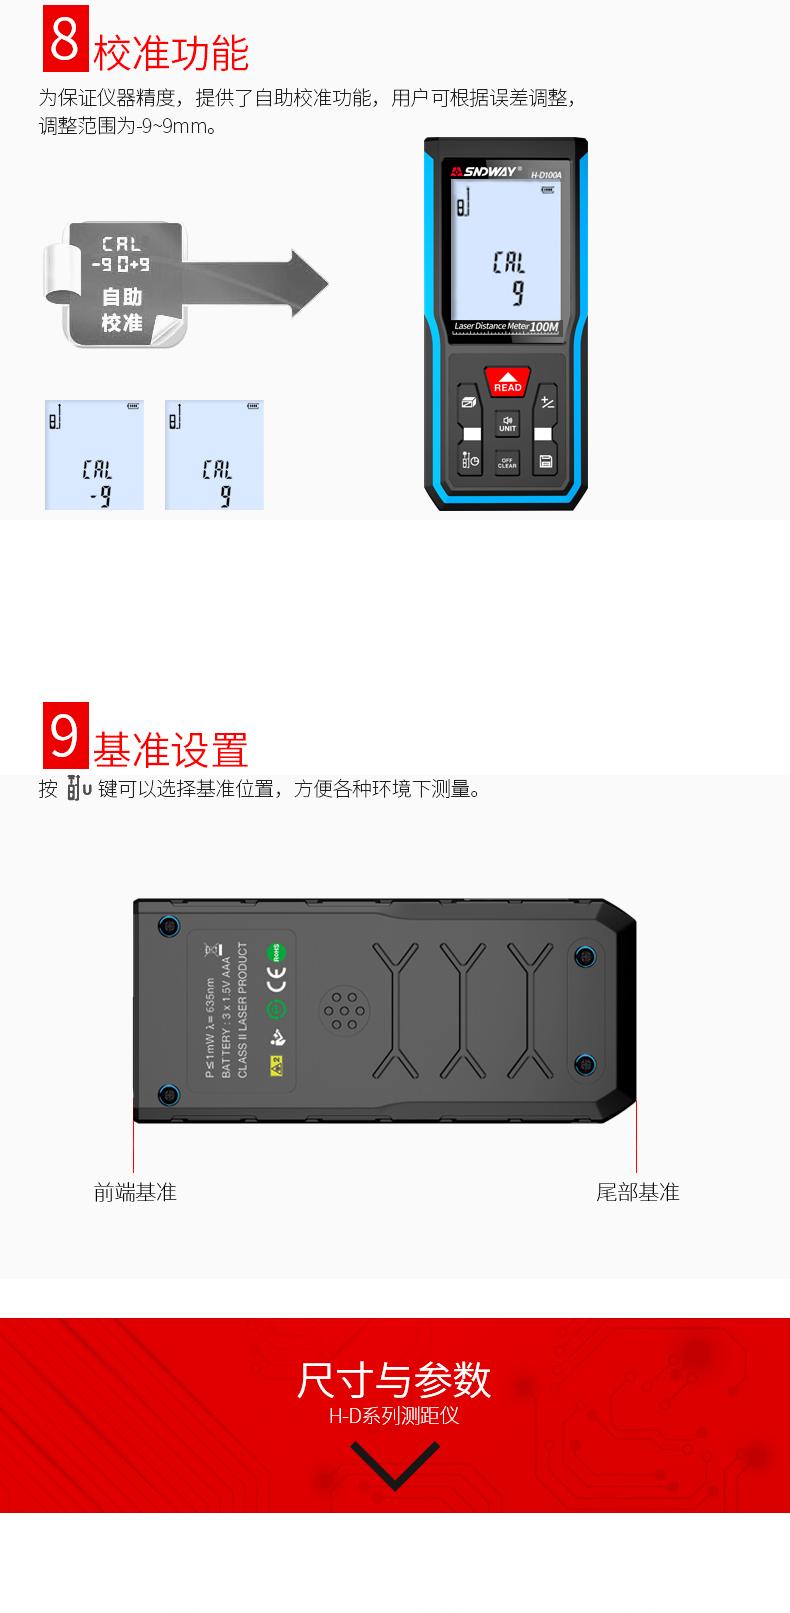 深达威激光测距仪红外线电子尺高精度激光尺测量工具手持量房仪-tmall_08